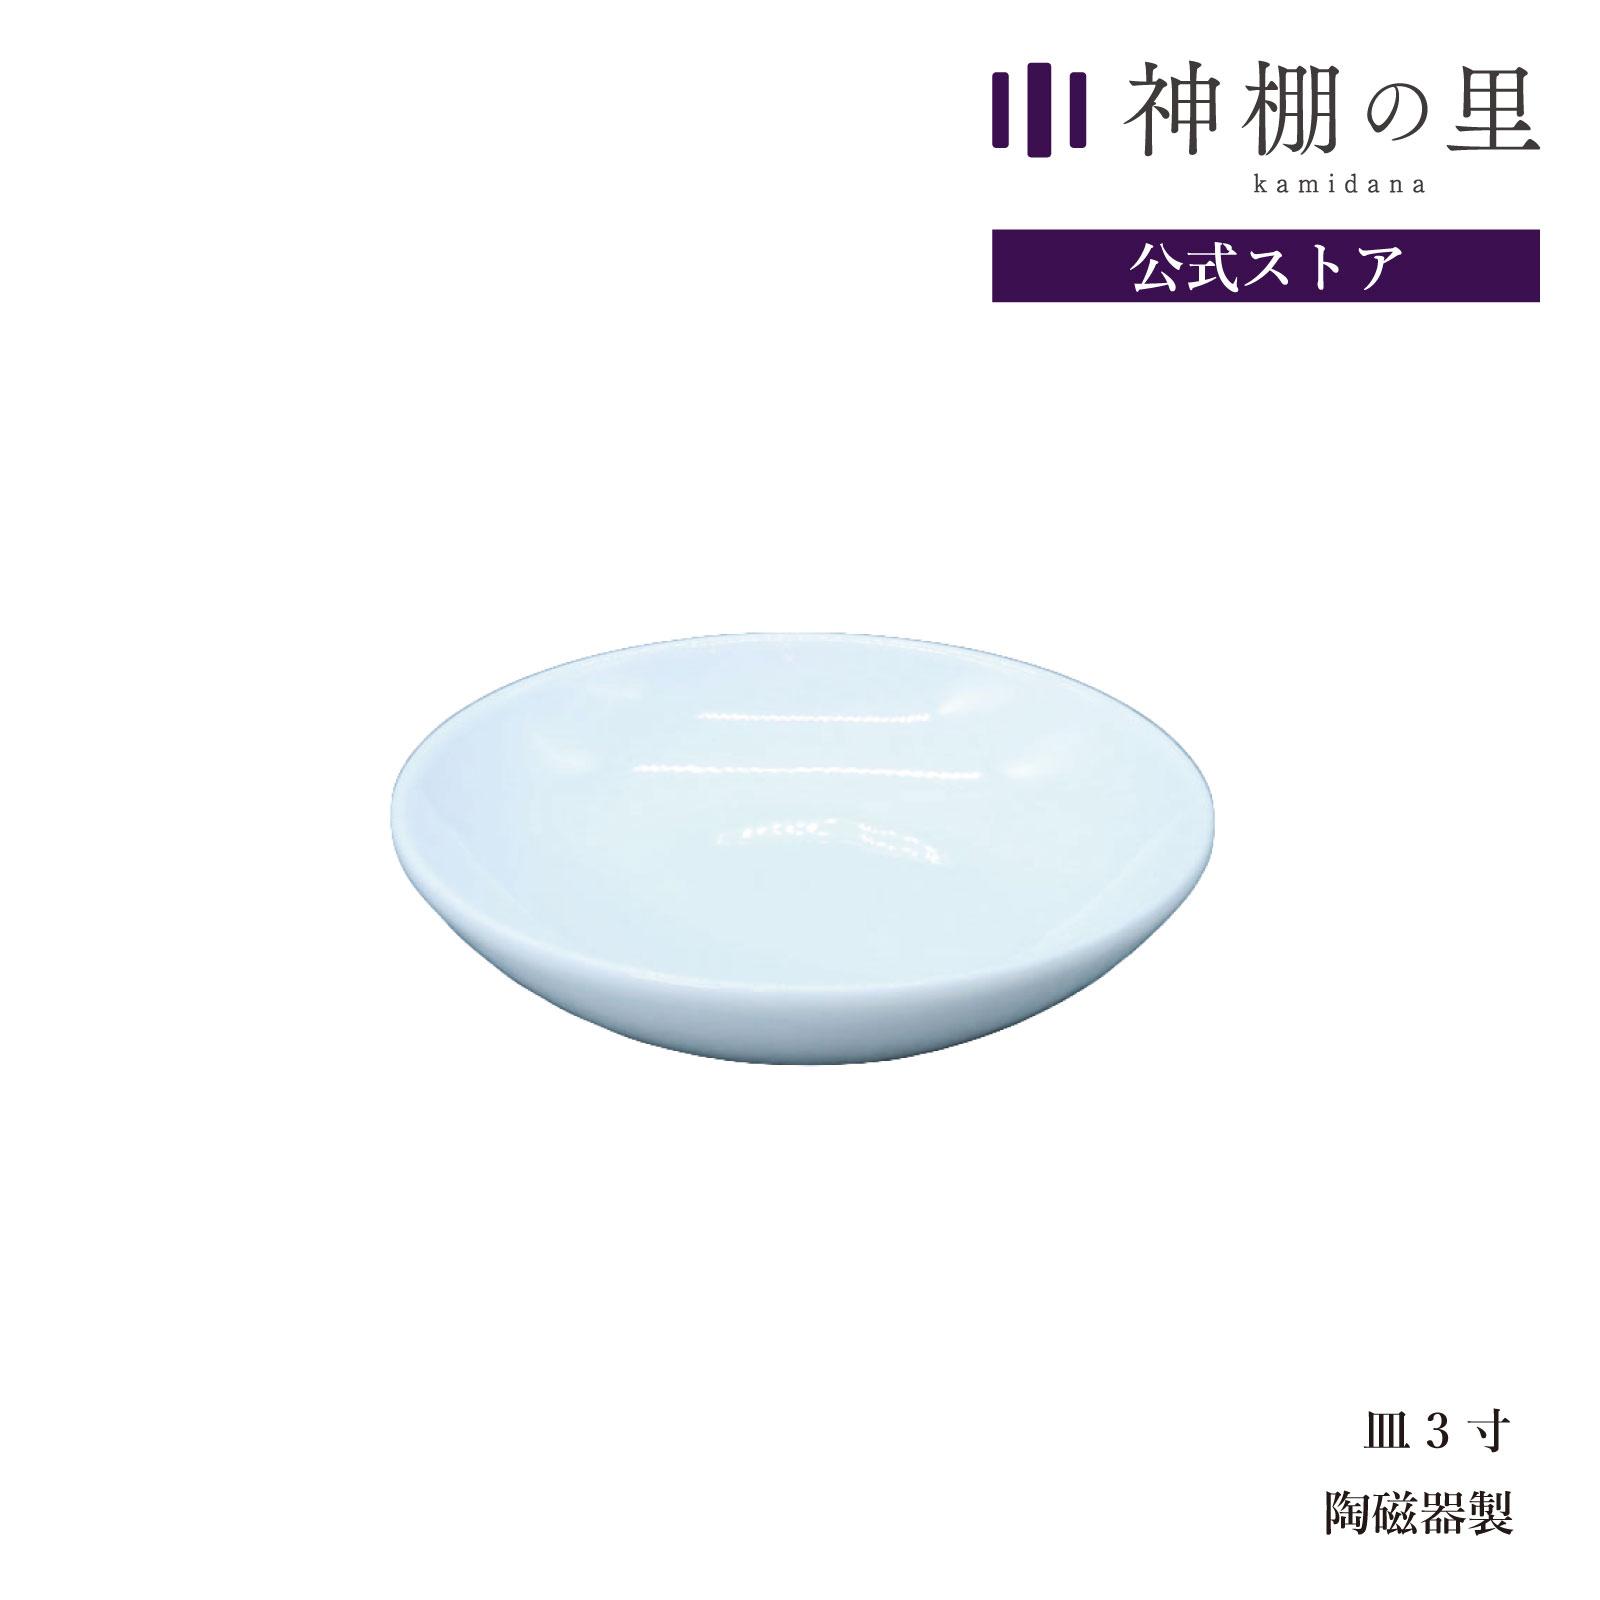 神棚にお供えする、米、塩を乗せる器です 神棚の里【公式】 神棚 神具 皿 皿 3寸 米 塩 陶器